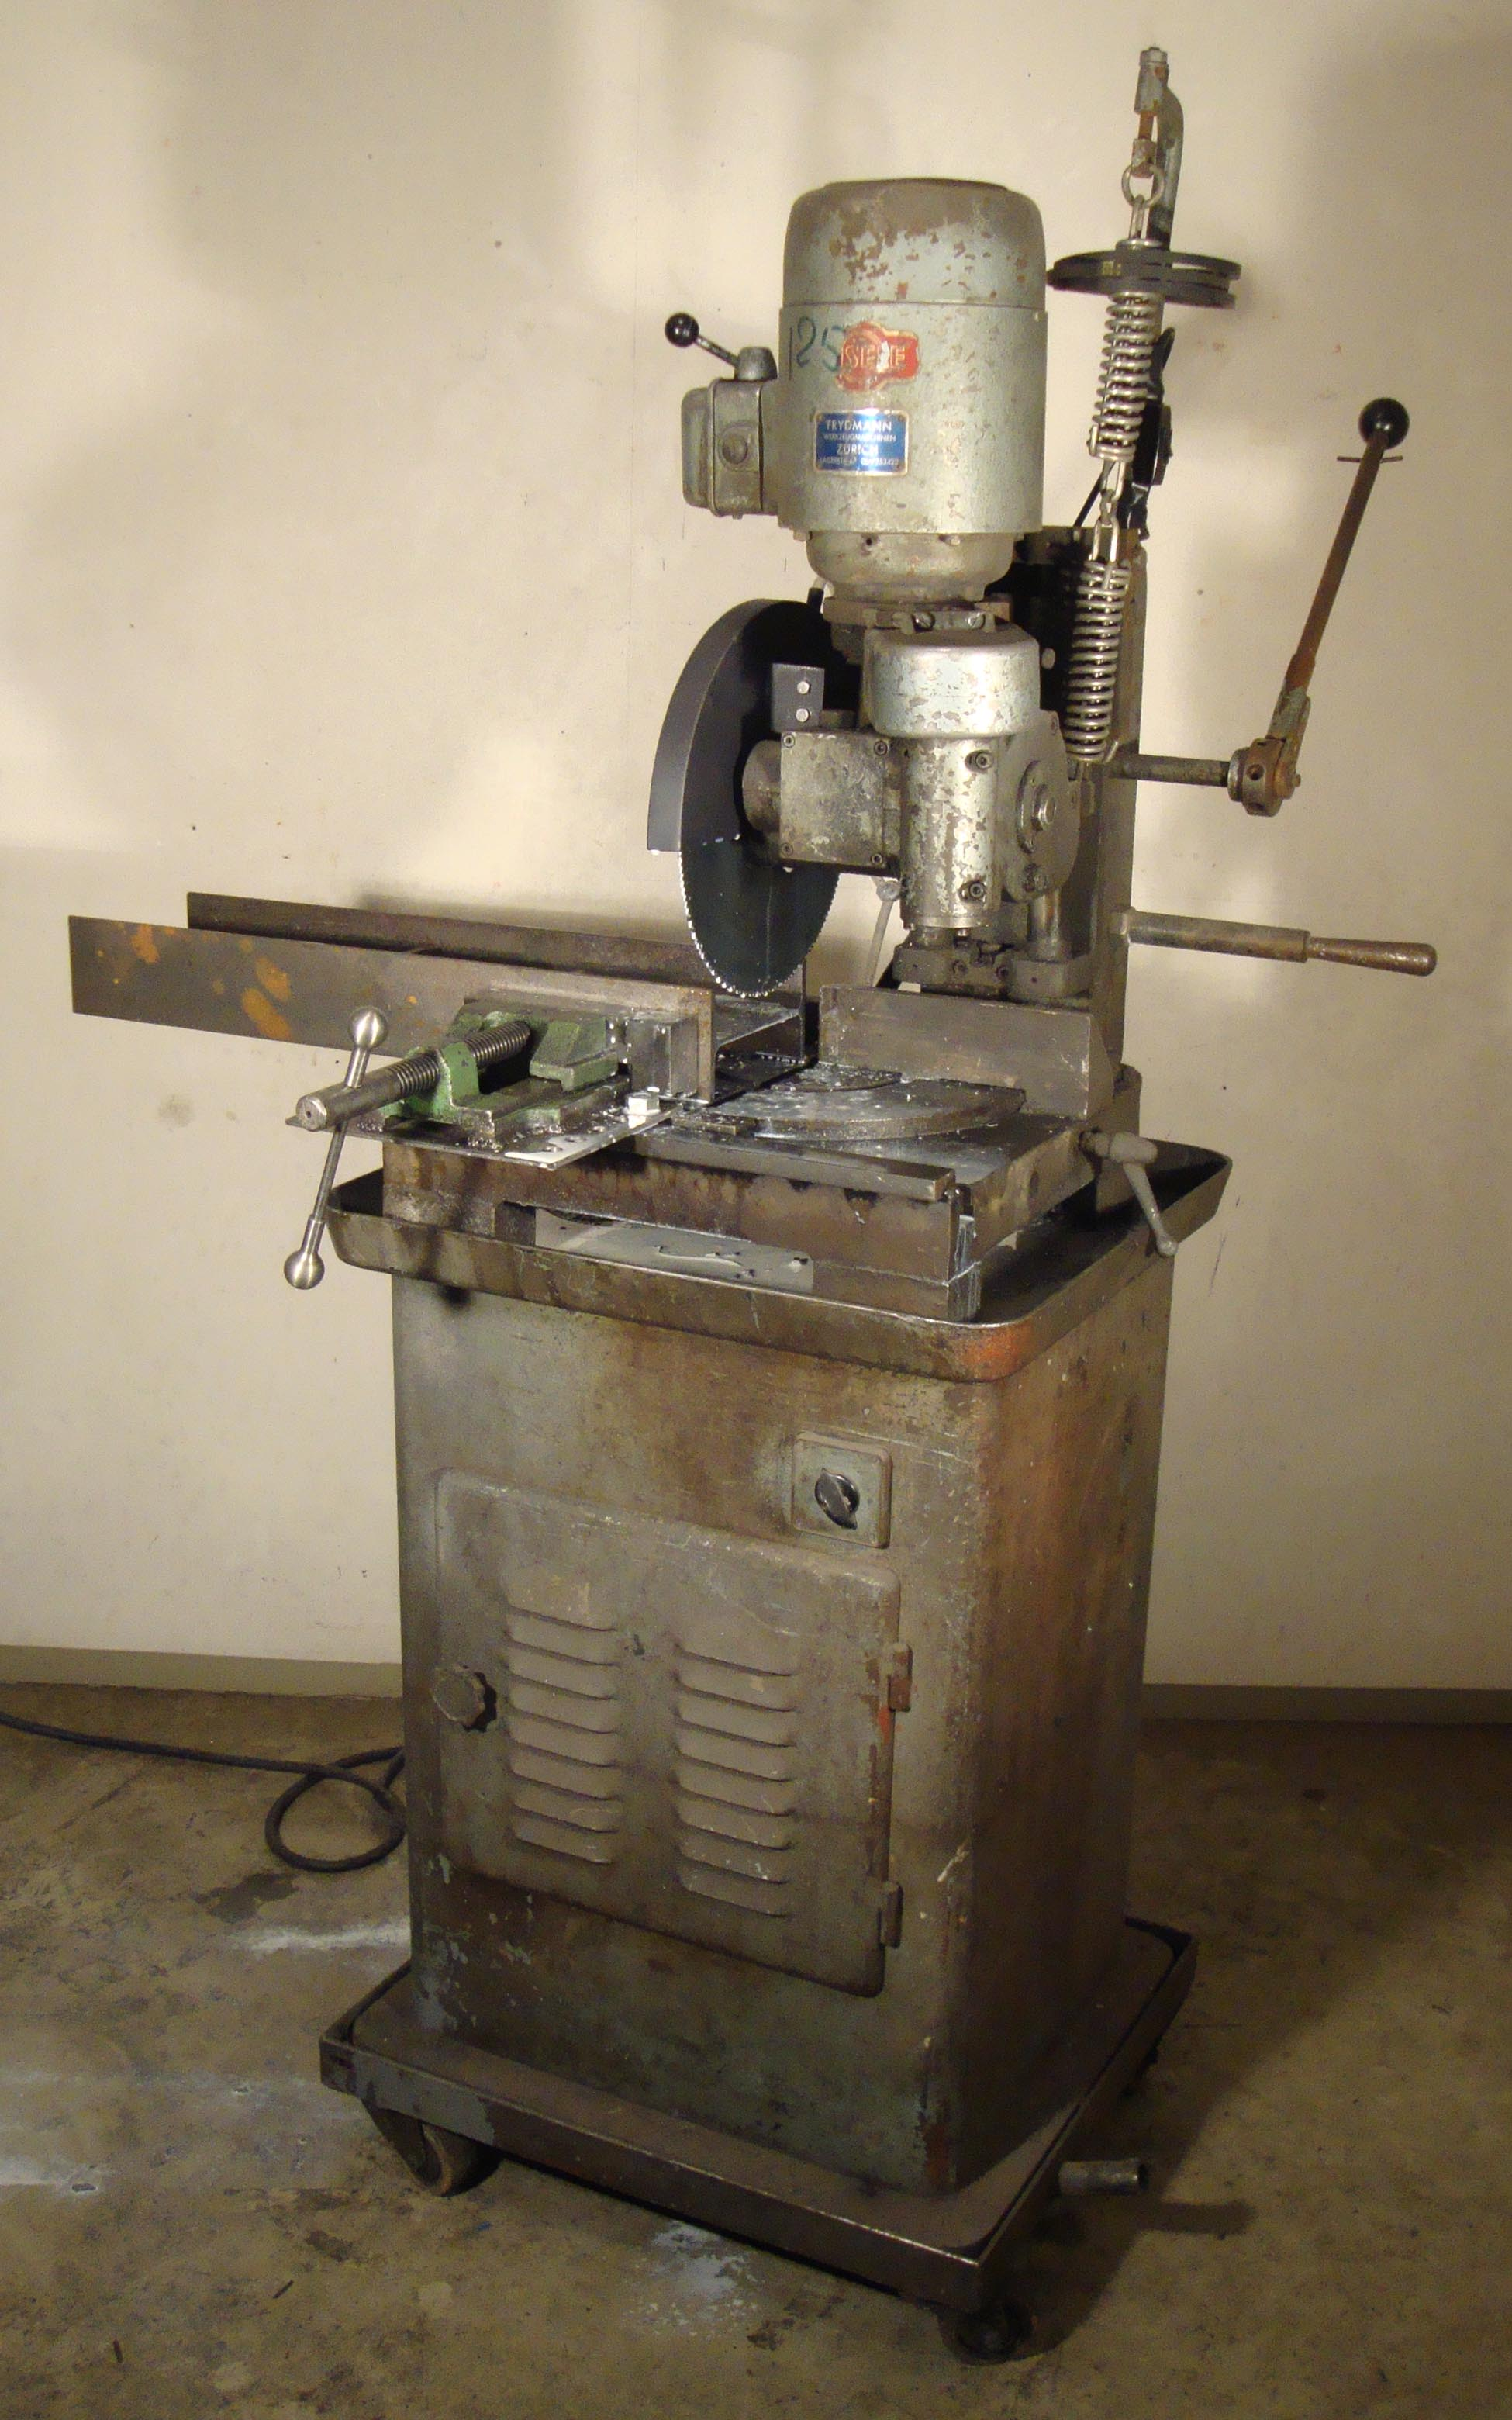 Moyens de productions machines rouleuse t le for 2eme main machine a coudre